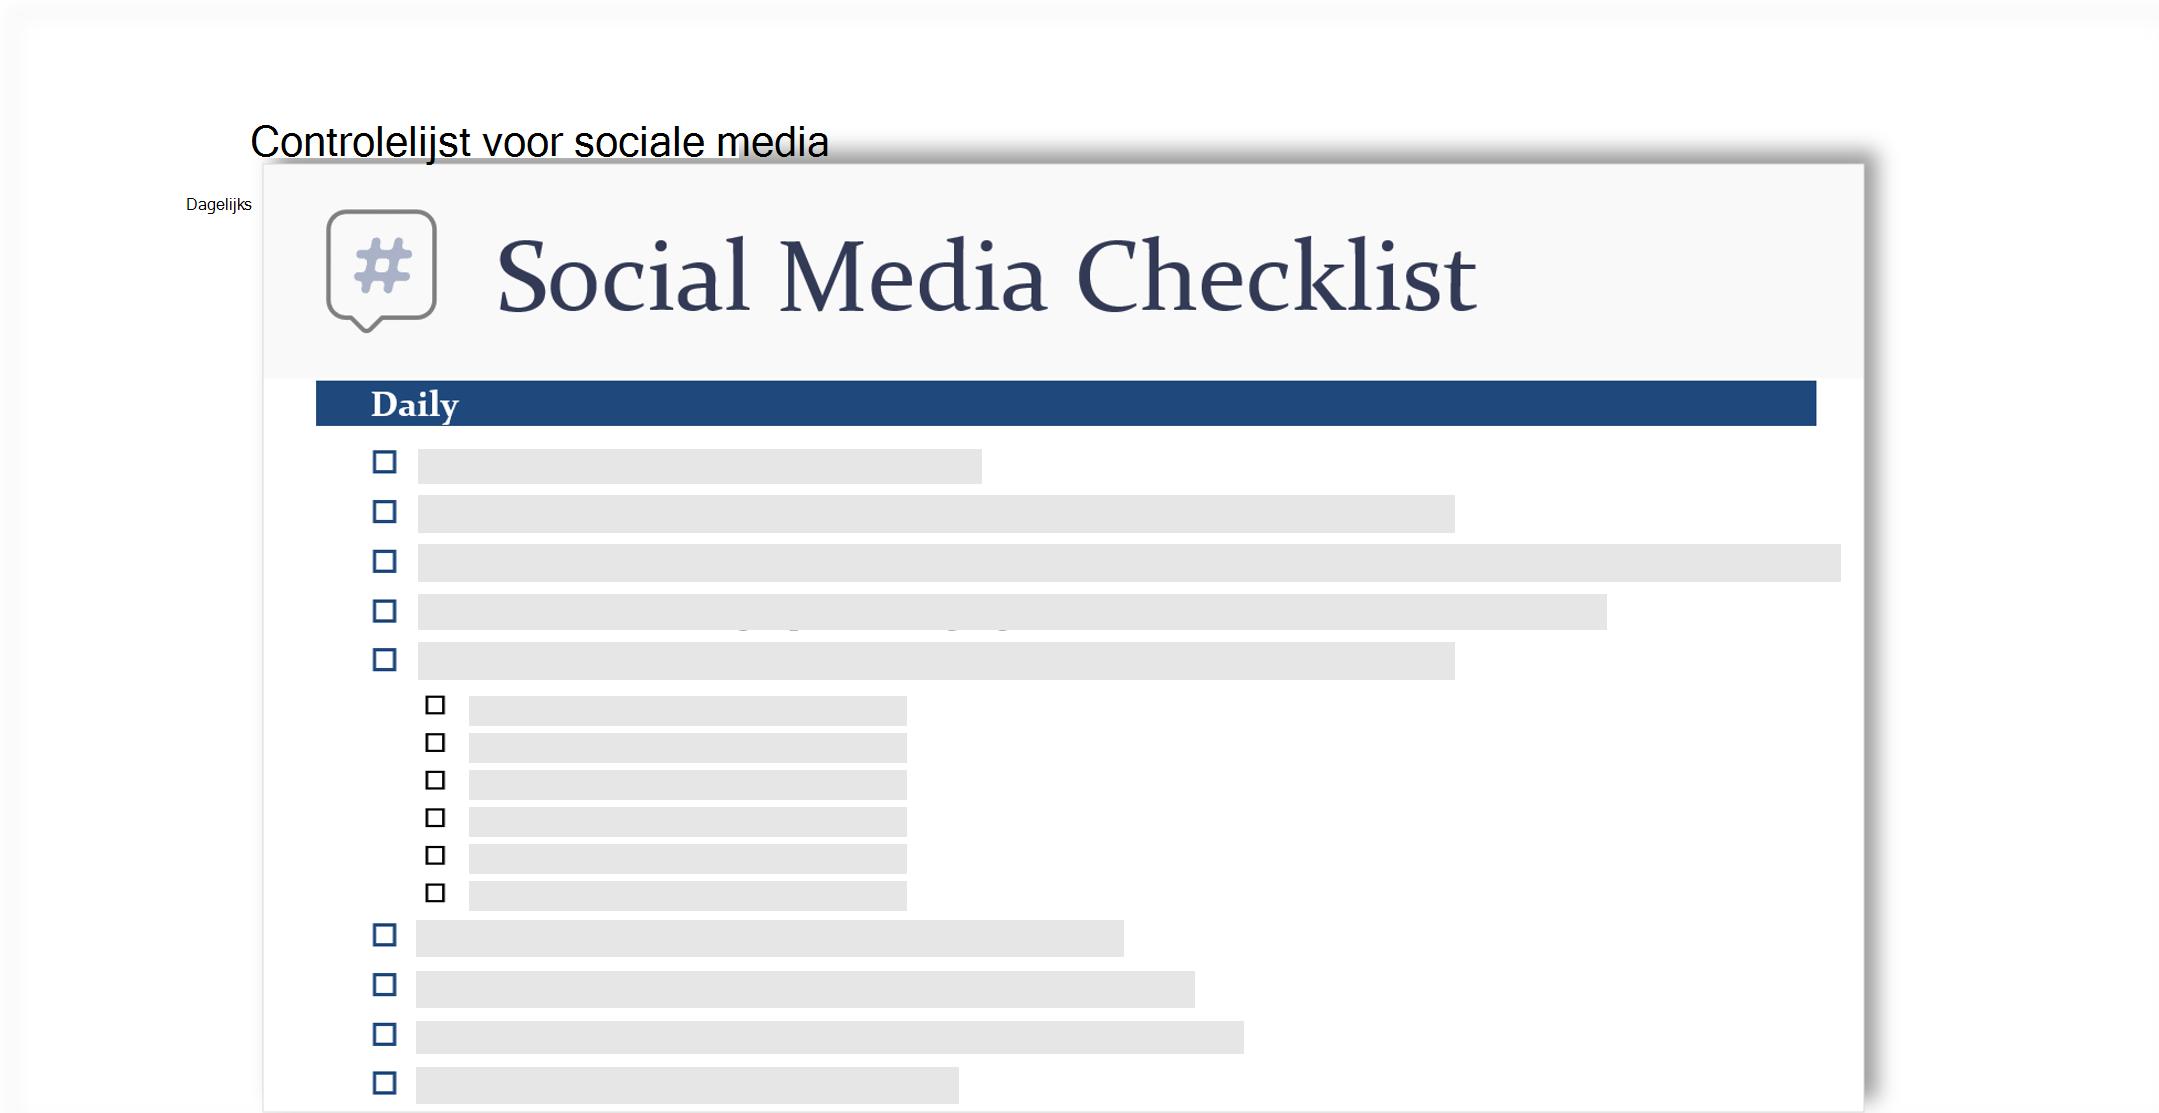 conceptuele weergave van een controlelijst sociale media